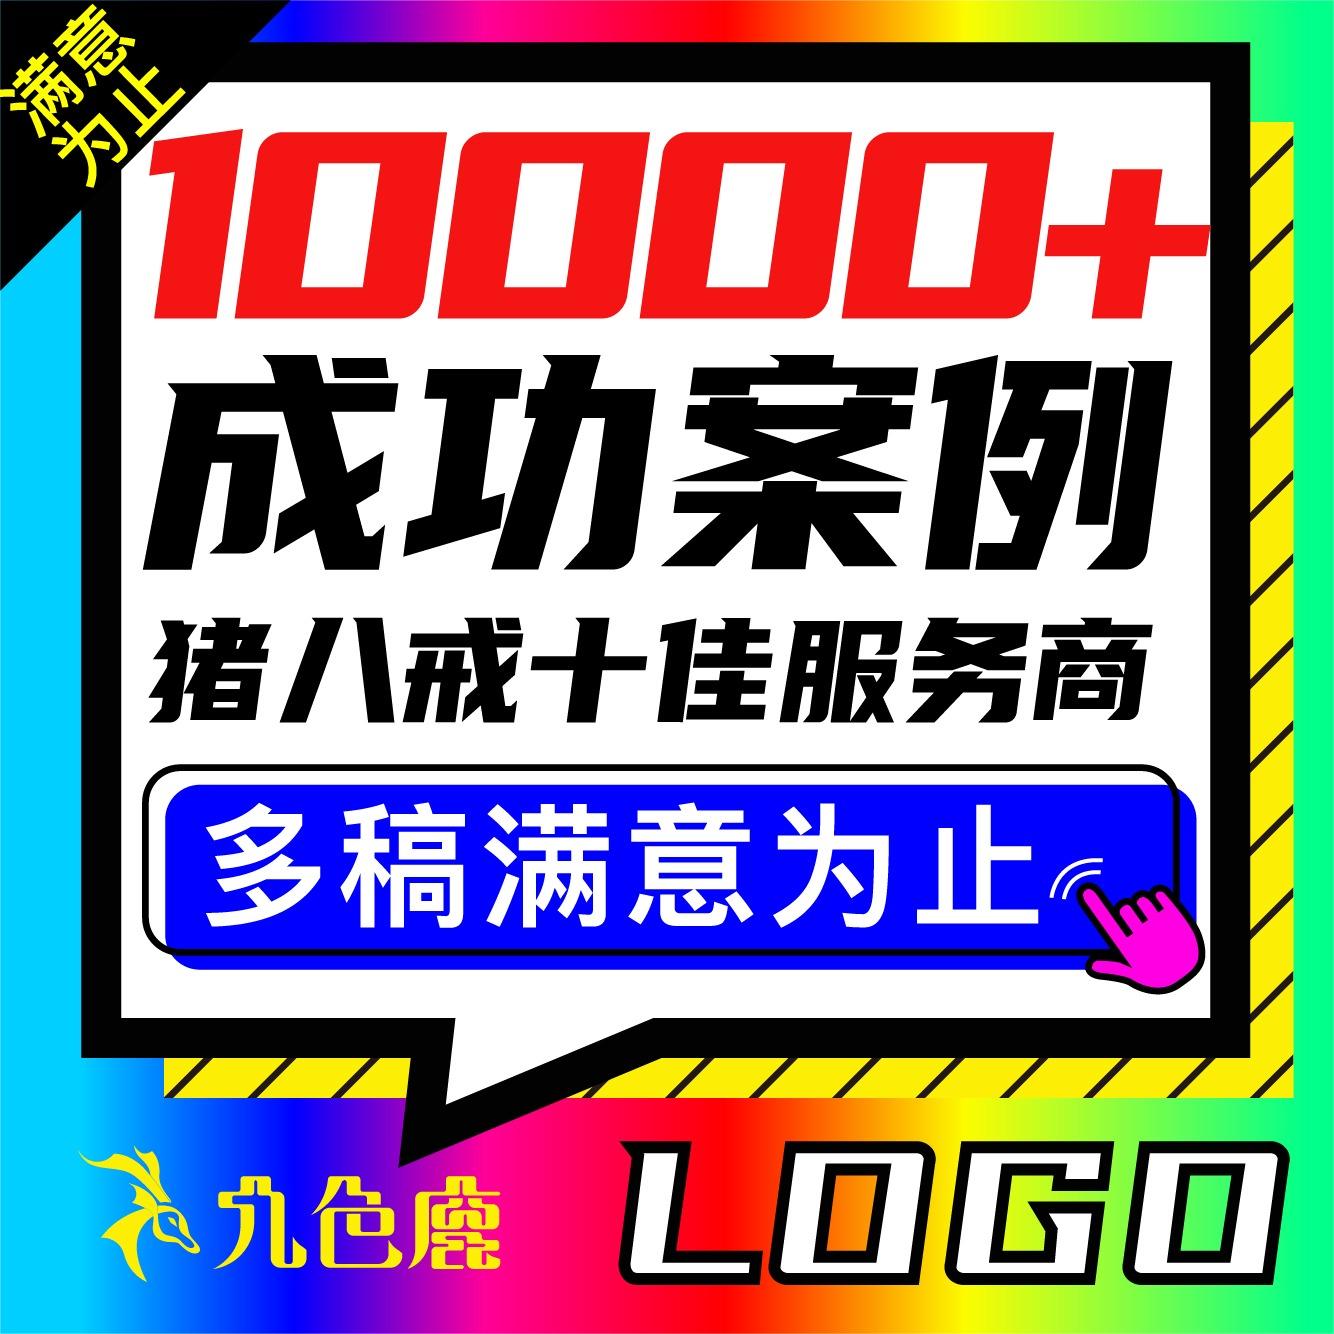 资深 logo 设计食品饮料图标设计包装VI原创公司企业标志设计